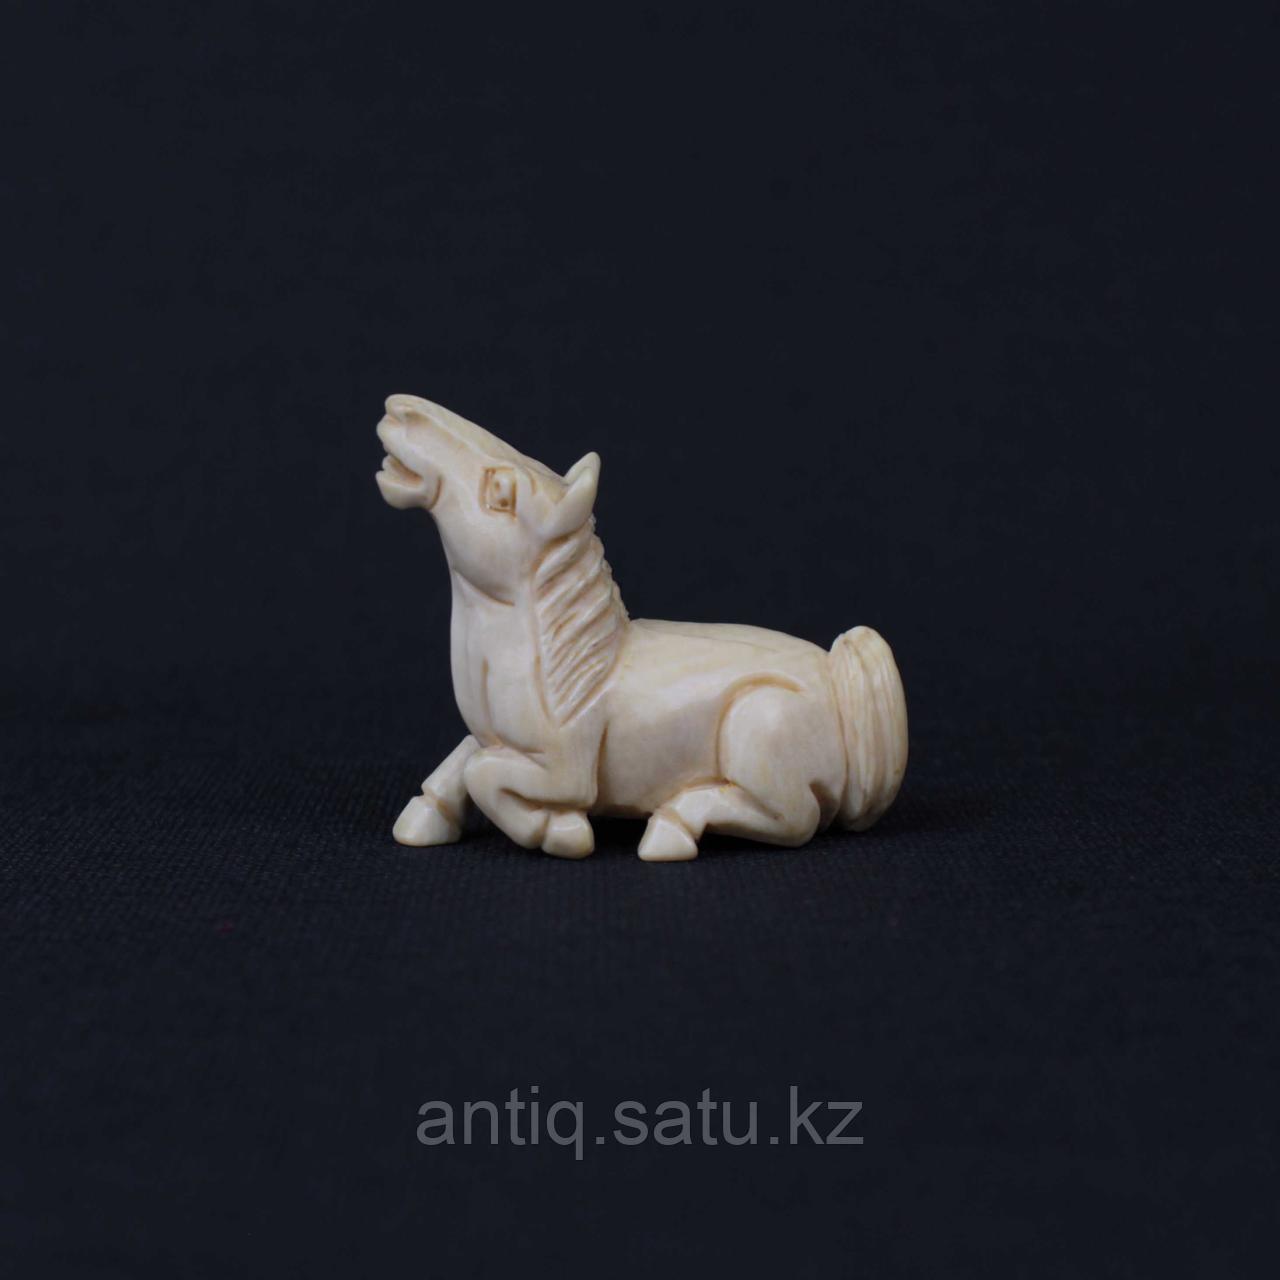 Нэцкэ белая Лошадь. Слоновая кость - фото 1